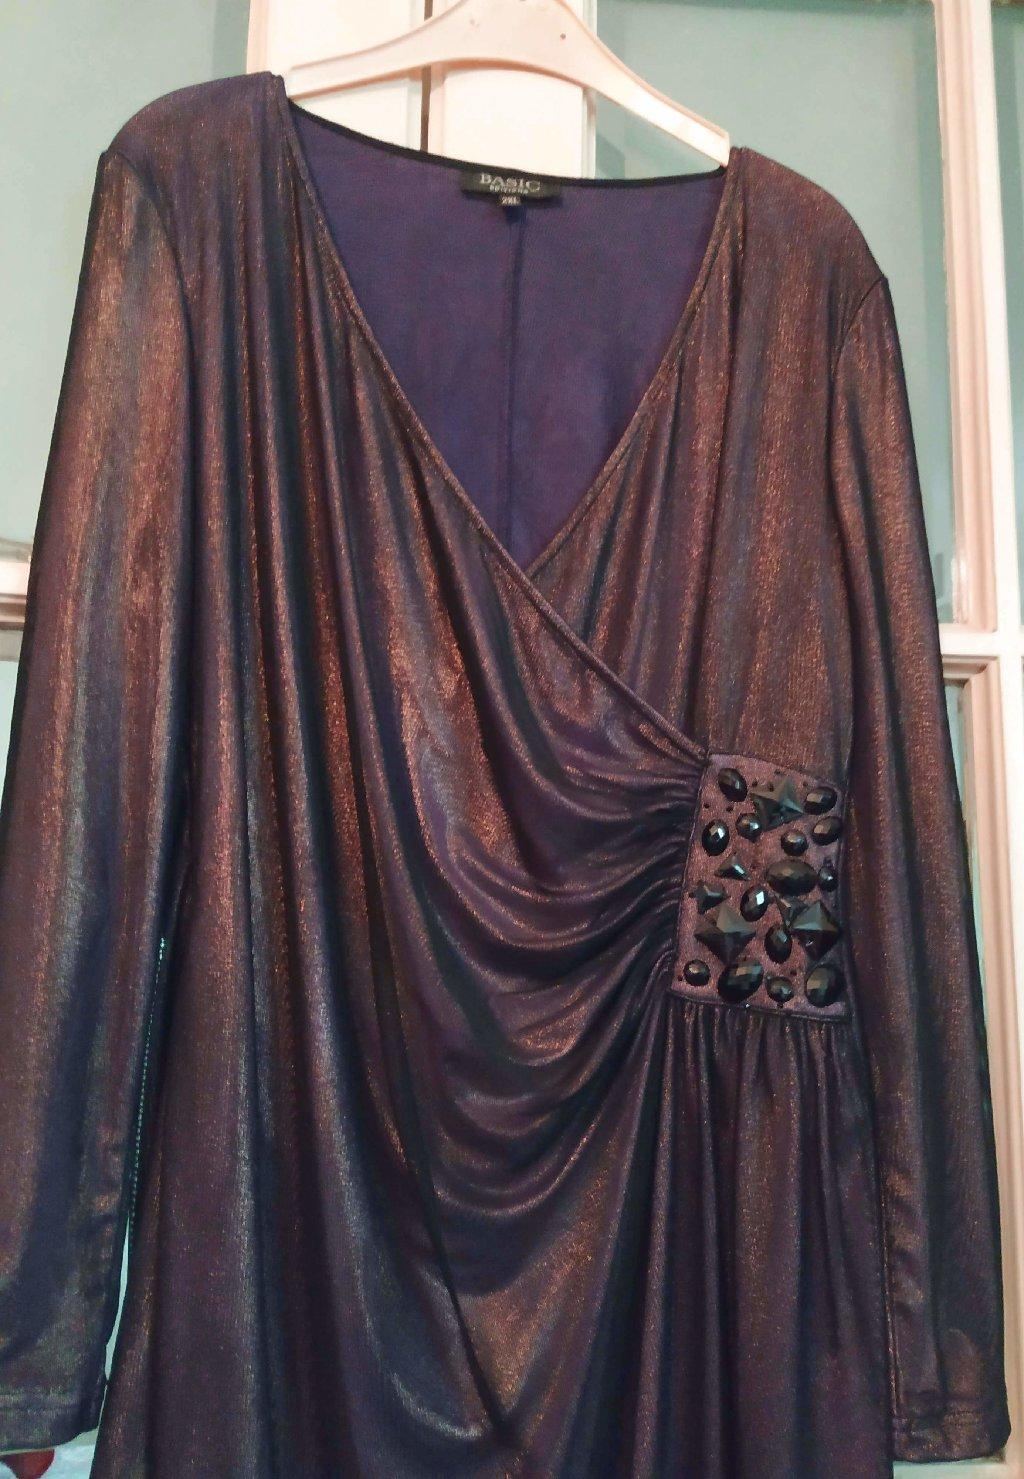 Haljina svecana,grudi 100cm,,struk 90,duzina 96cm,materijal je rastegljiv pa pokriva dva broja